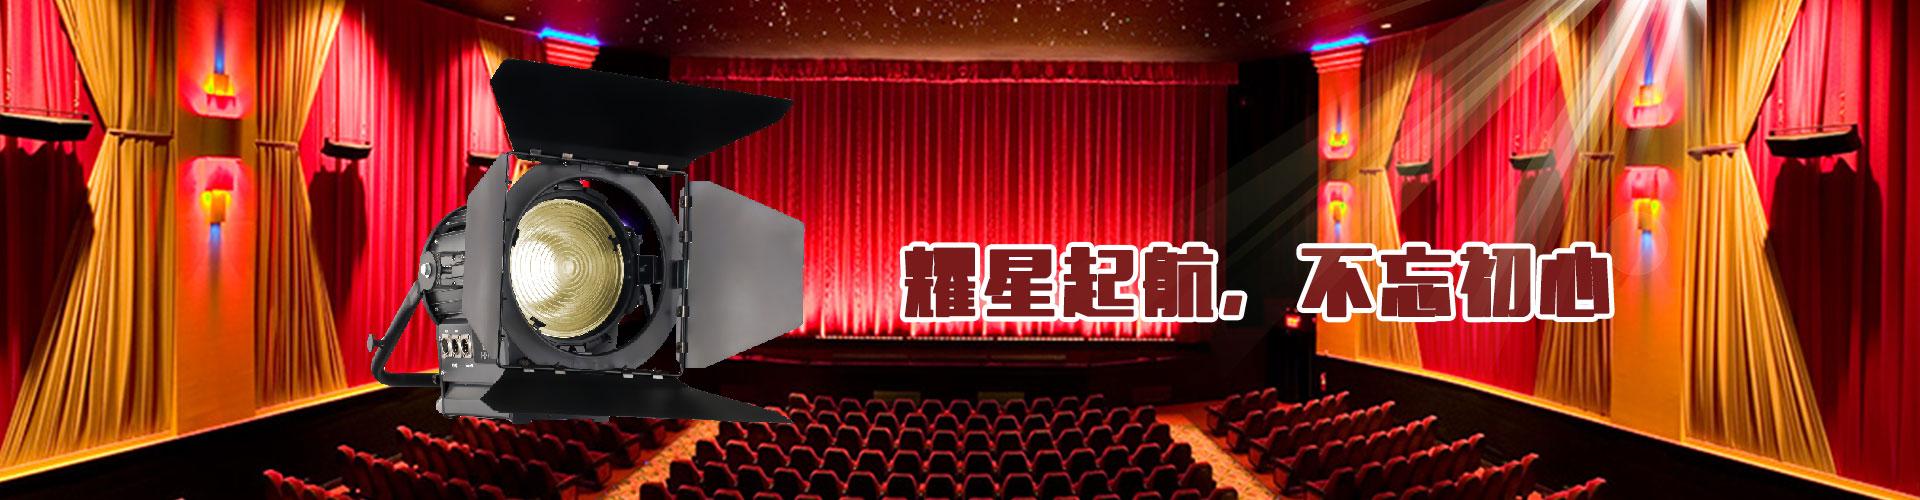 舞台投影灯